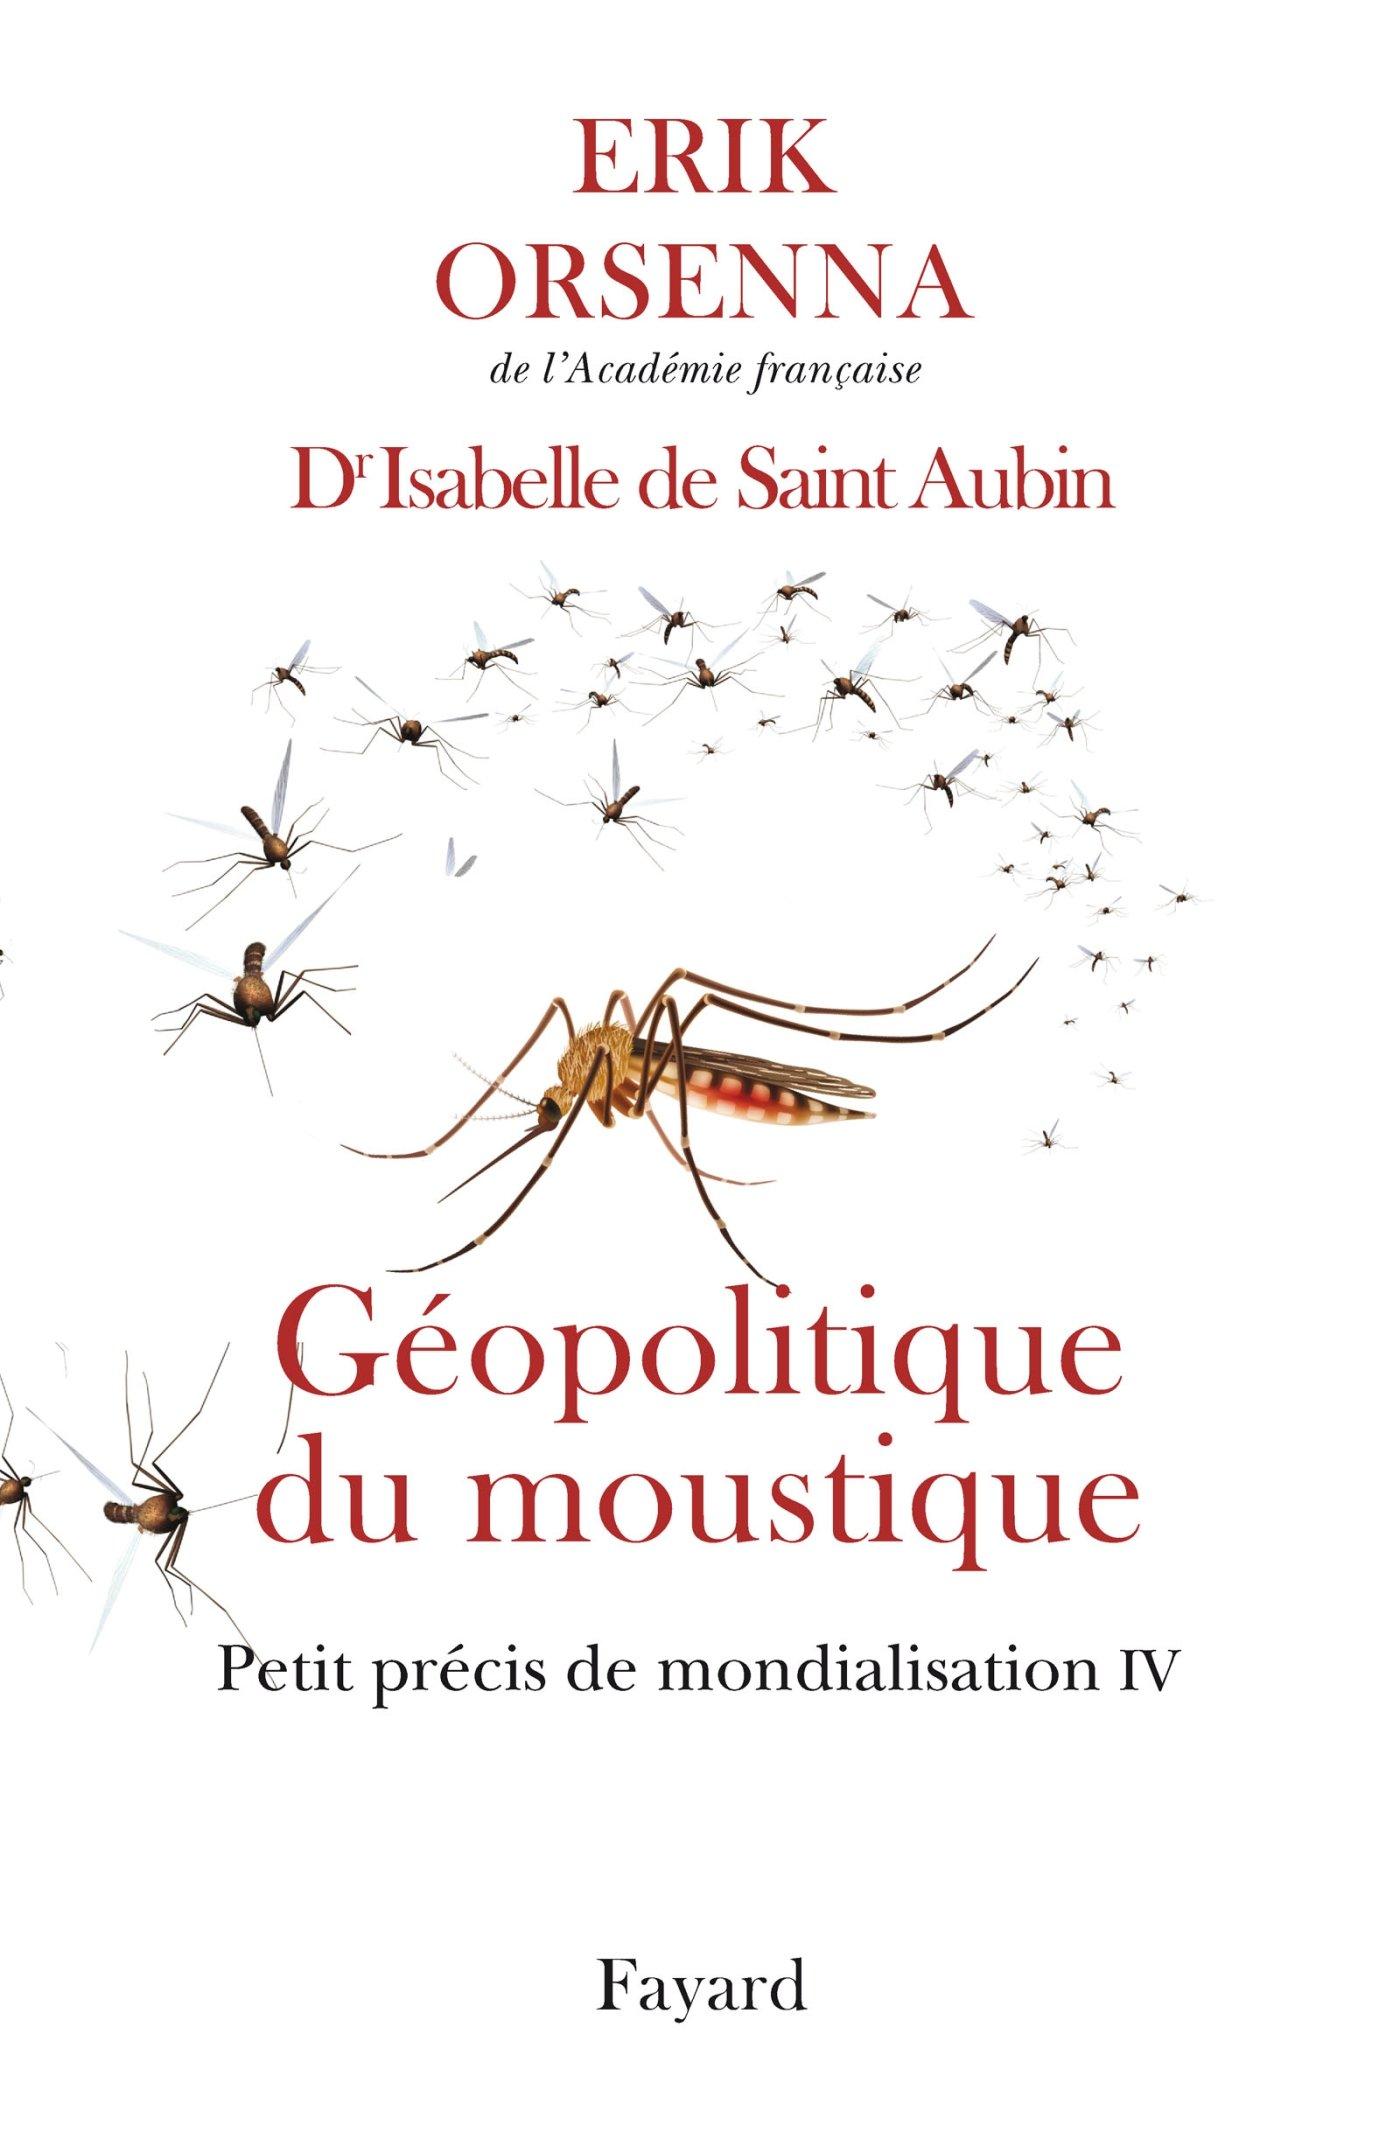 Amazon.fr - Géopolitique du moustique: Petit précis de mondialisation IV -  Orsenna, Erik, Saint-Aubin, Isabelle de - Livres